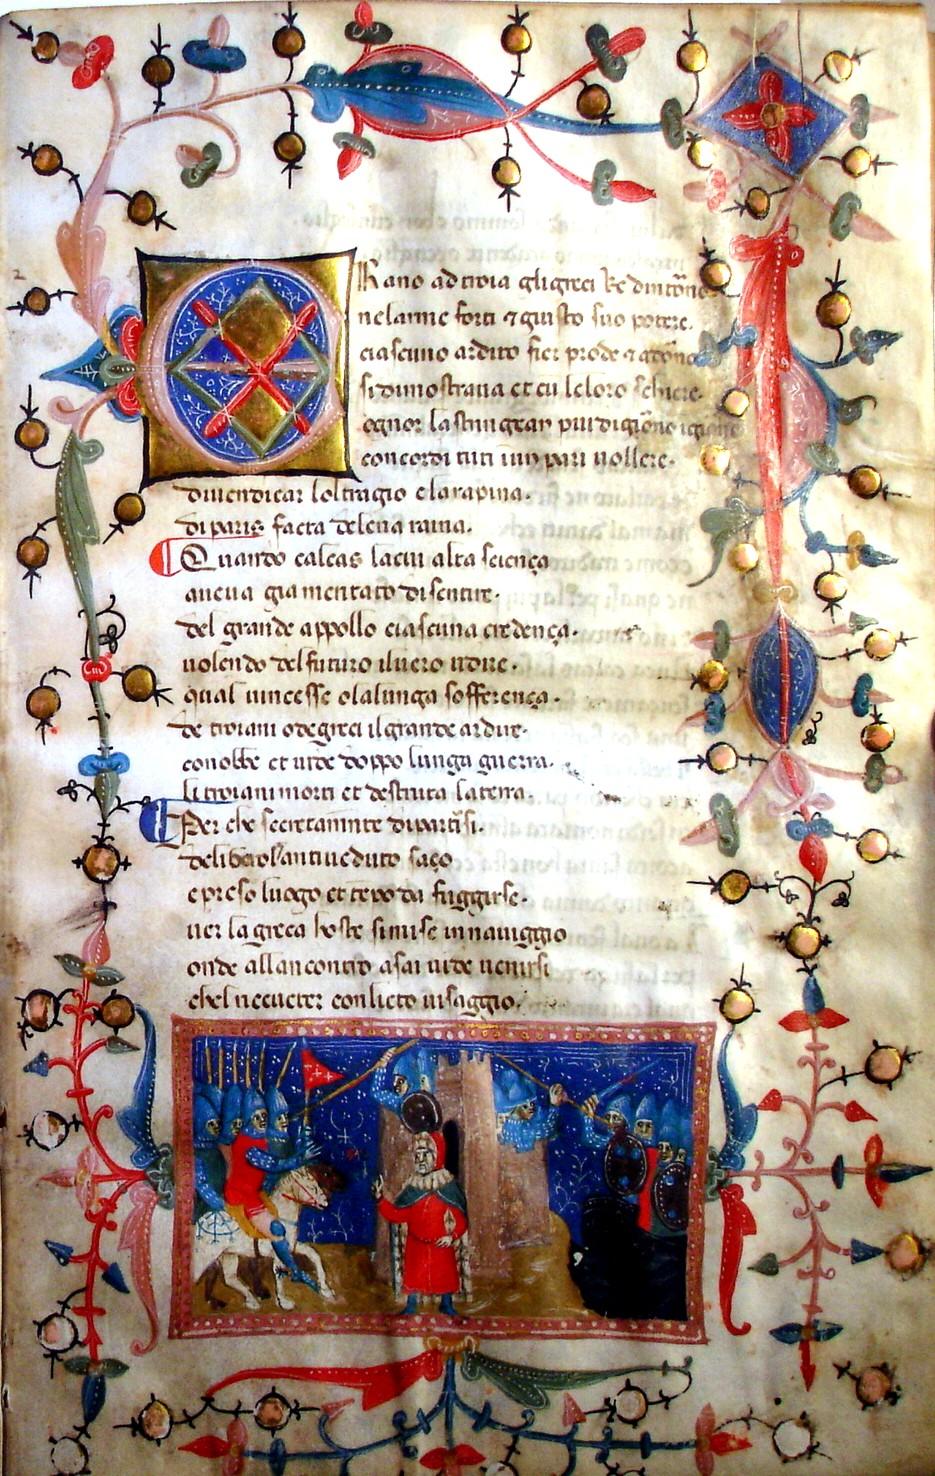 Die mit farbigen Miniaturen reich verzierte Handschrift von «Il Filostrato», einem Frühwerk des Dichters Giovanni Boccaccio von 1360, dürfte ein weltweit singuläres Werk sein. Foto: Wikimedia Commons